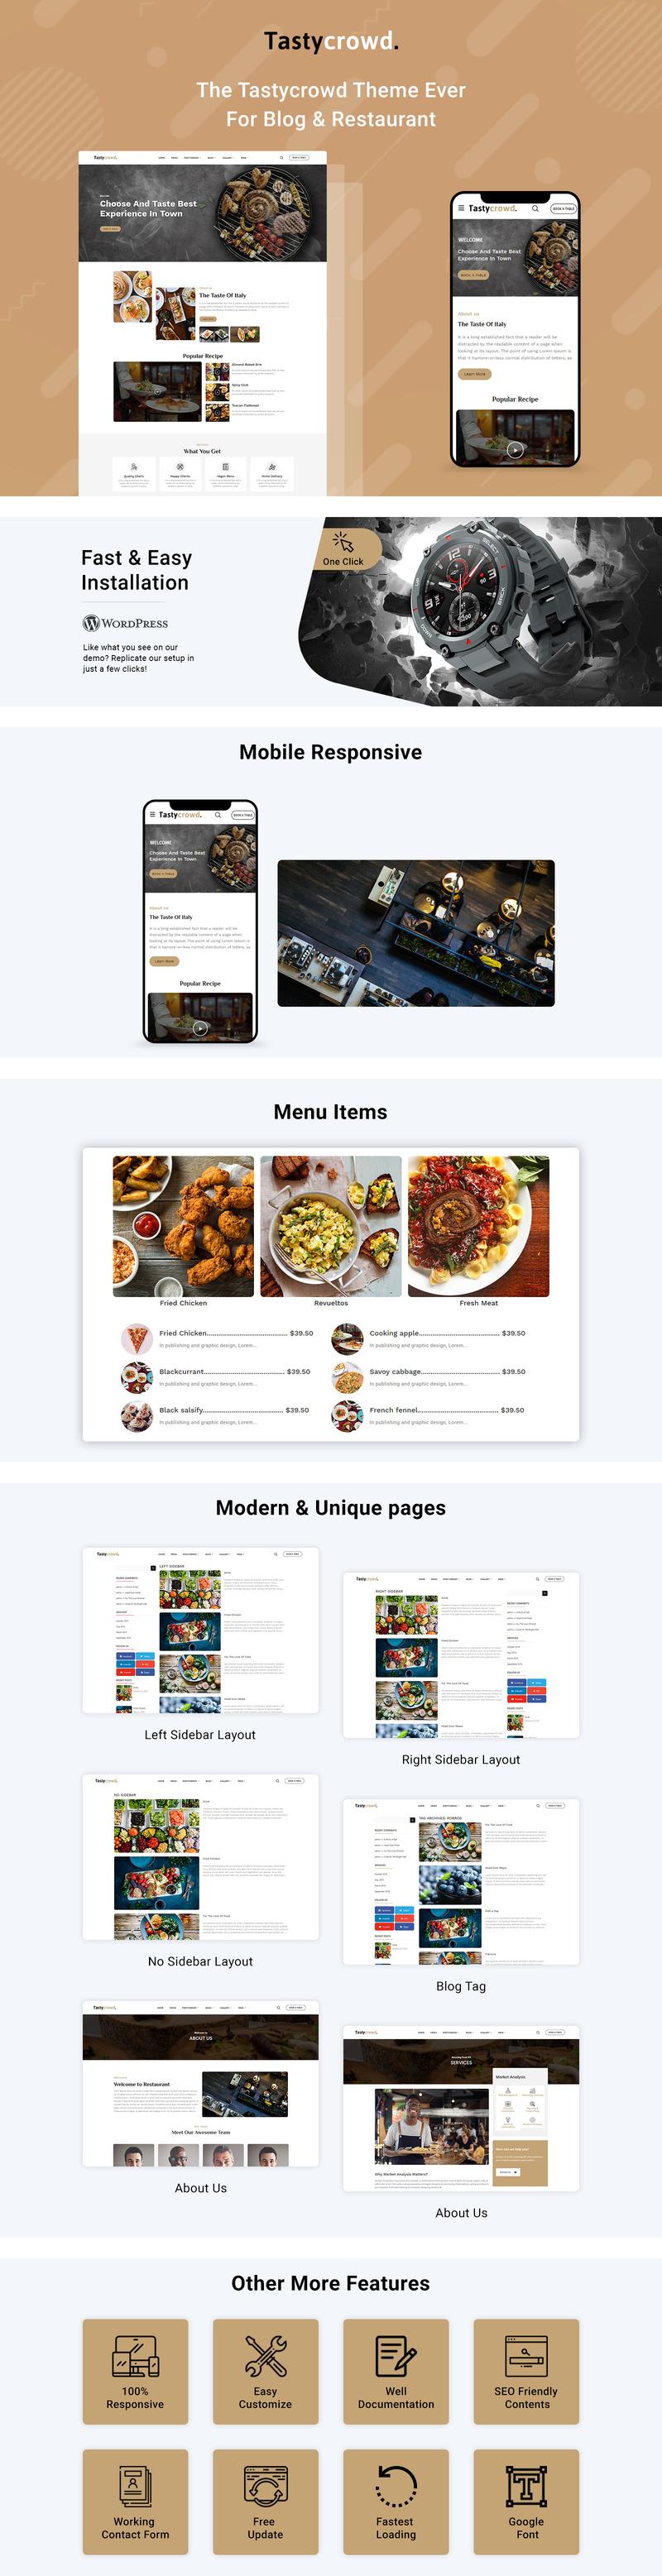 Tastycrowd - Cafe & Restaurant WordPress Elementor - Features Image 1